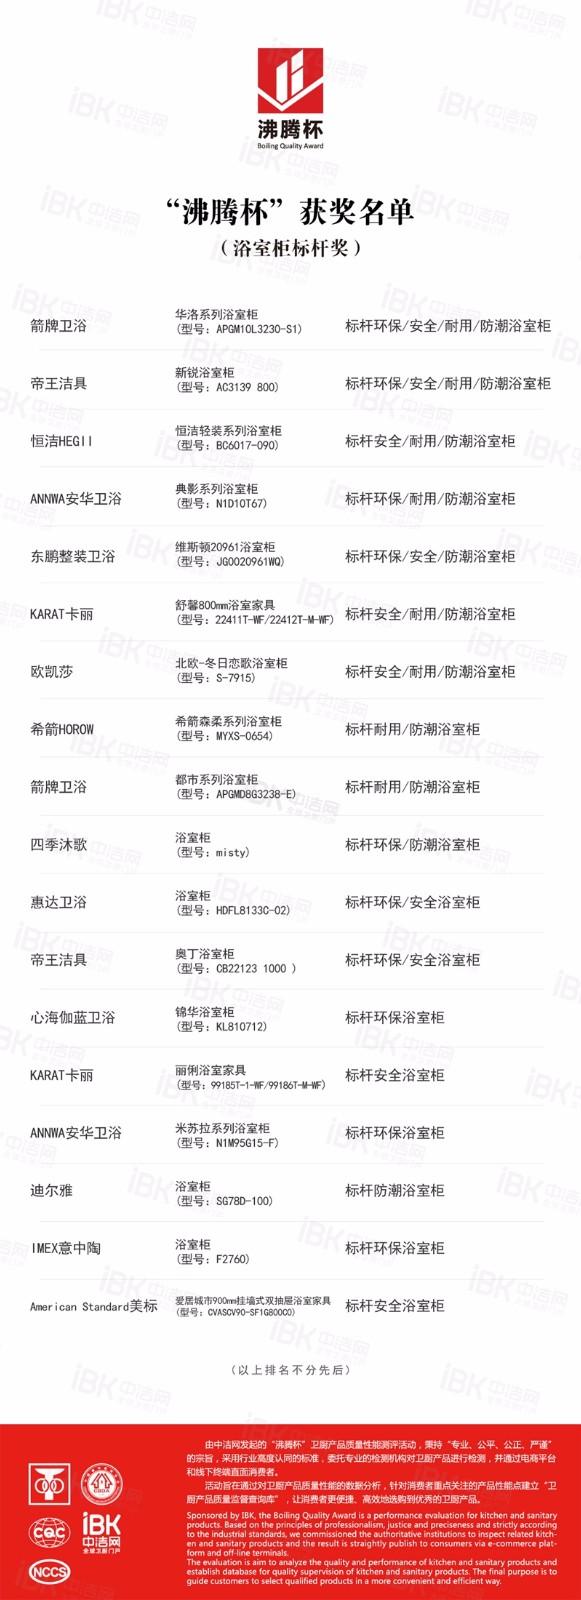 2019沸腾杯-现金赌场网址柜-标杆奖_副本.jpg